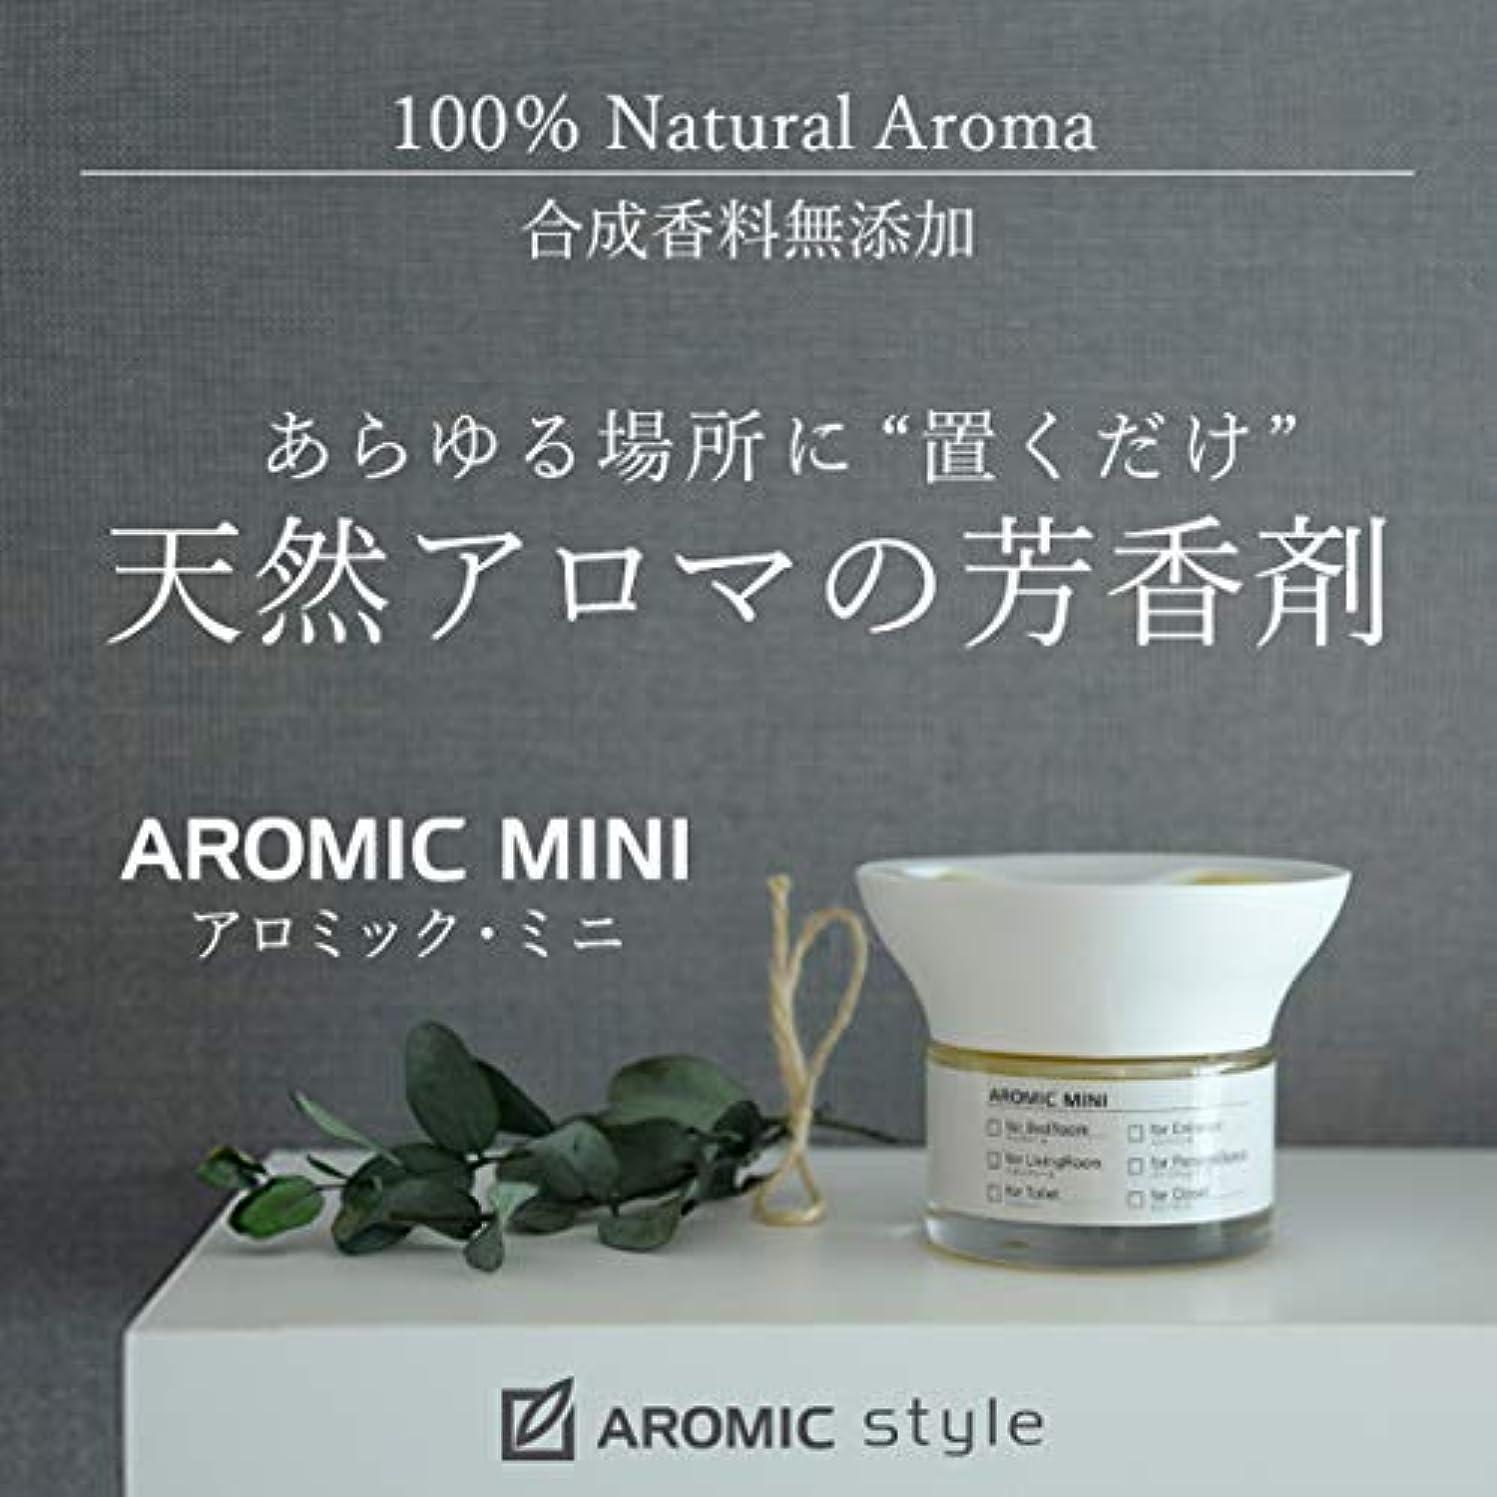 拾う連結する悲惨なAROMIC style アロマディフューザー アロミックミニ【for LivingRoom】